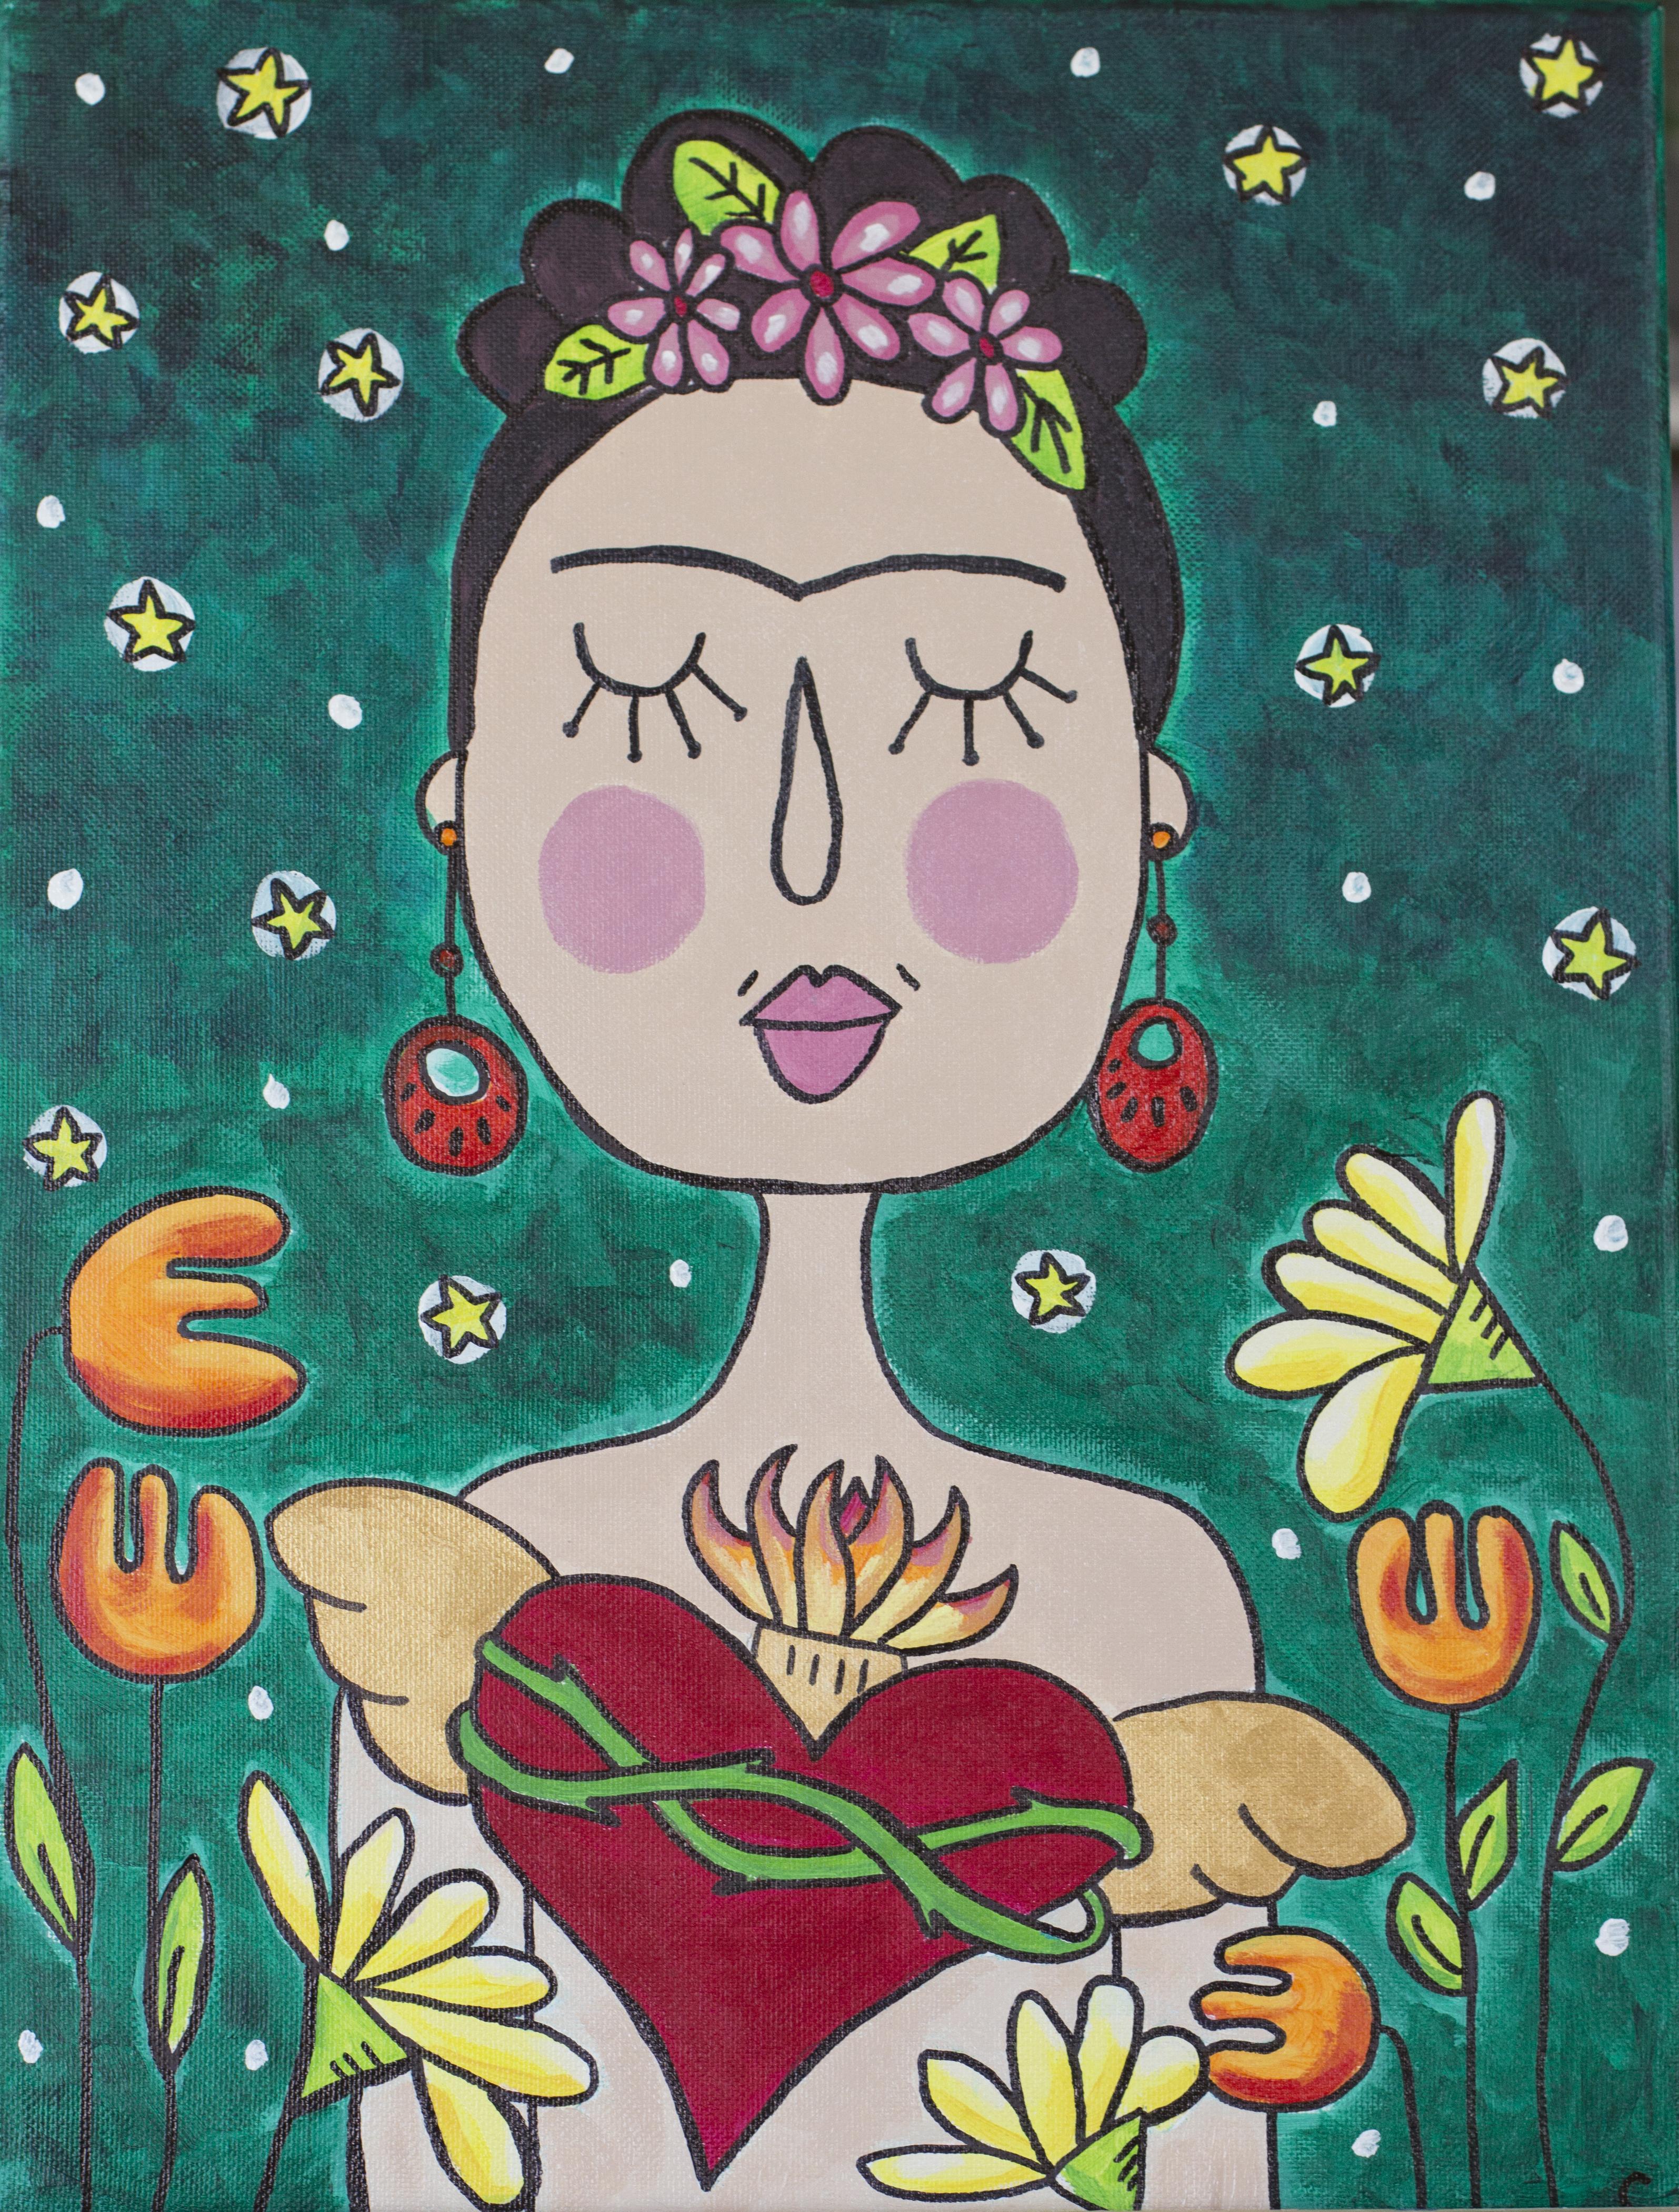 Frida corazón desnudo